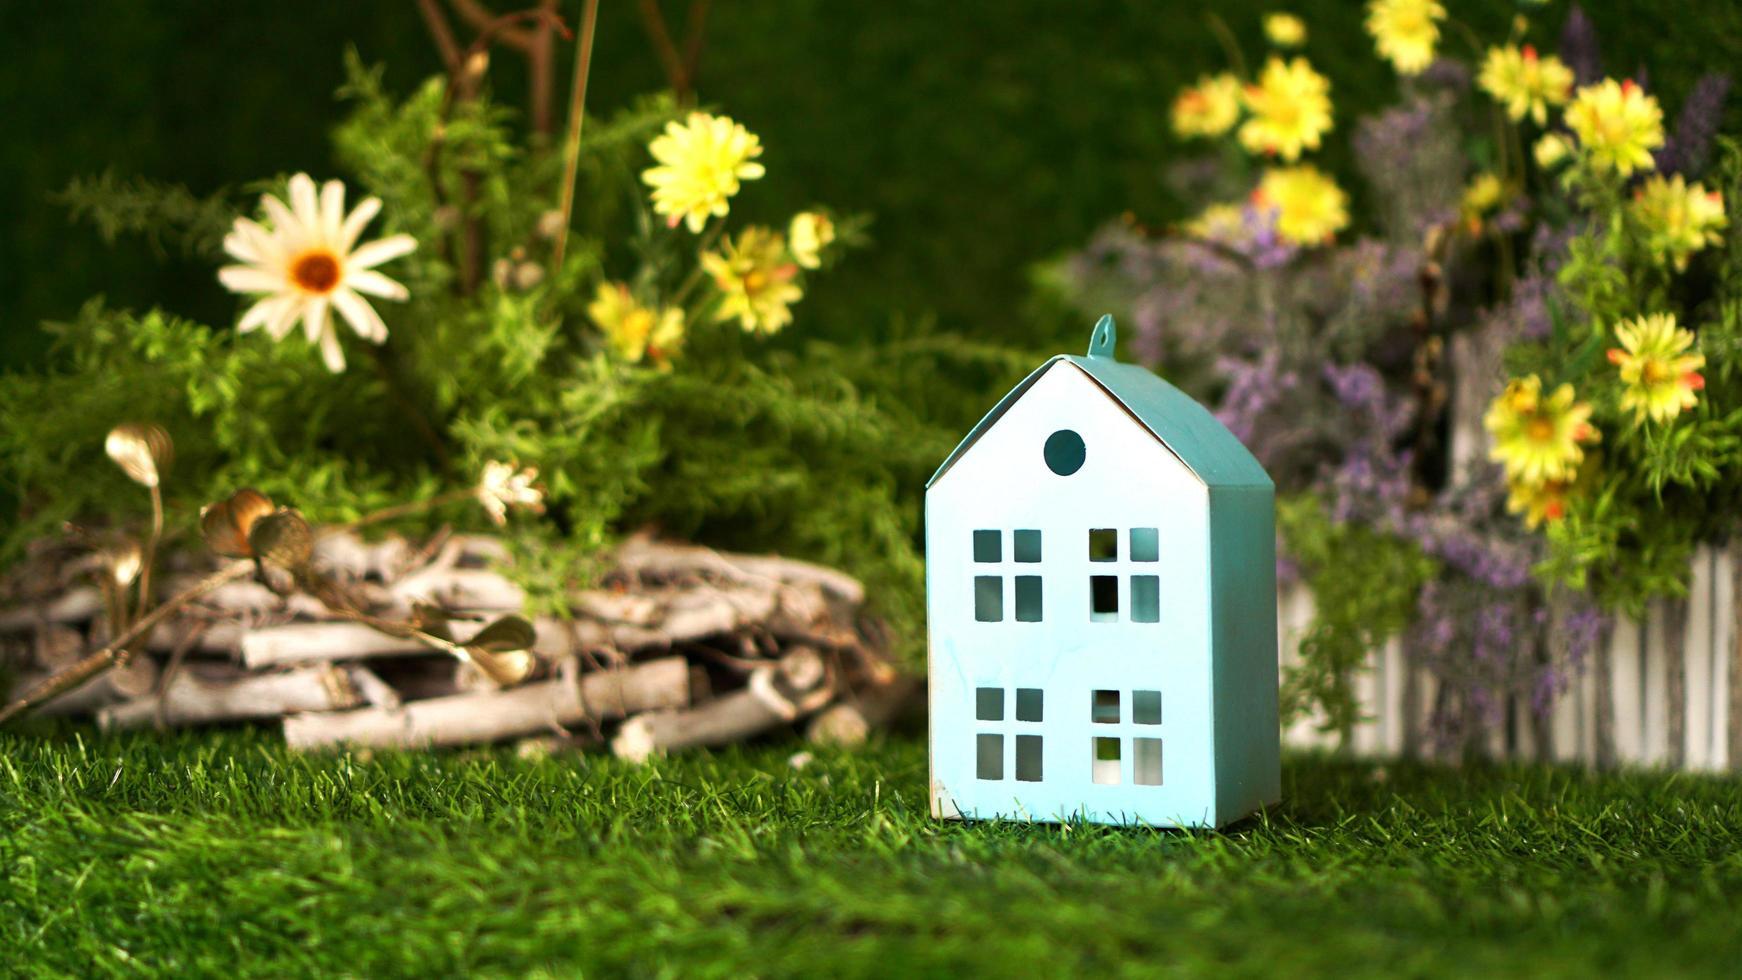 kartonnen blauw huis op de achtergrond van de groene lente foto